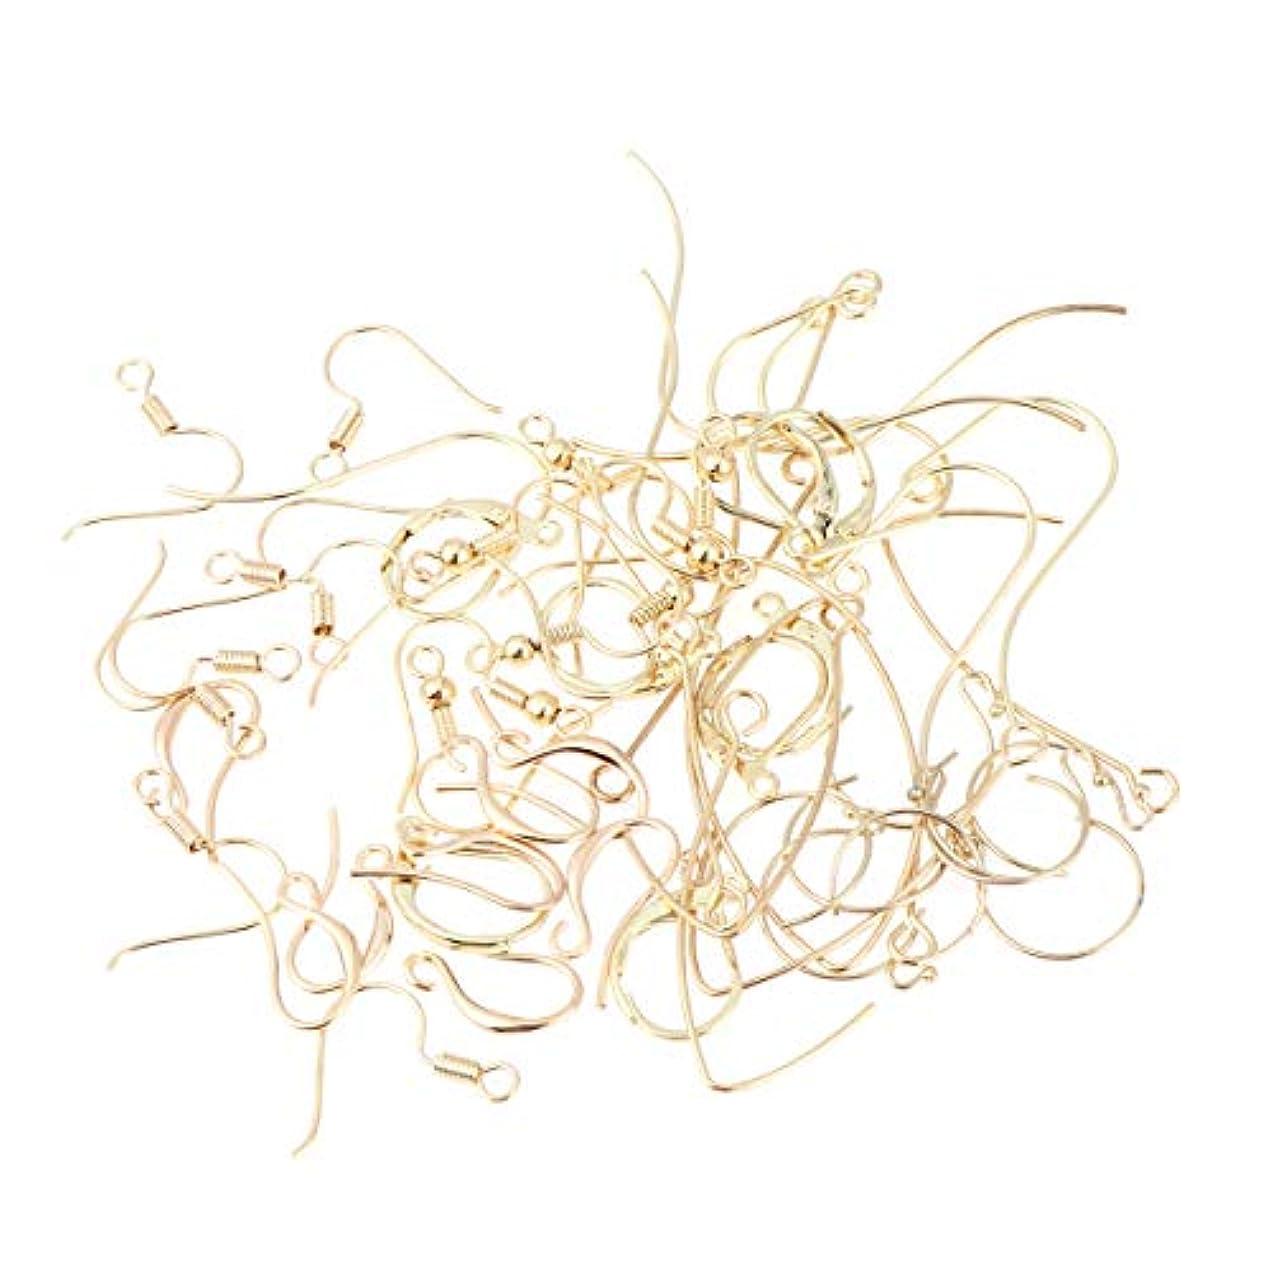 ワーム地殻意識的Healifty 56個 イヤリング フック イヤワイヤー ボールコイル diy工芸品 ジュエリー